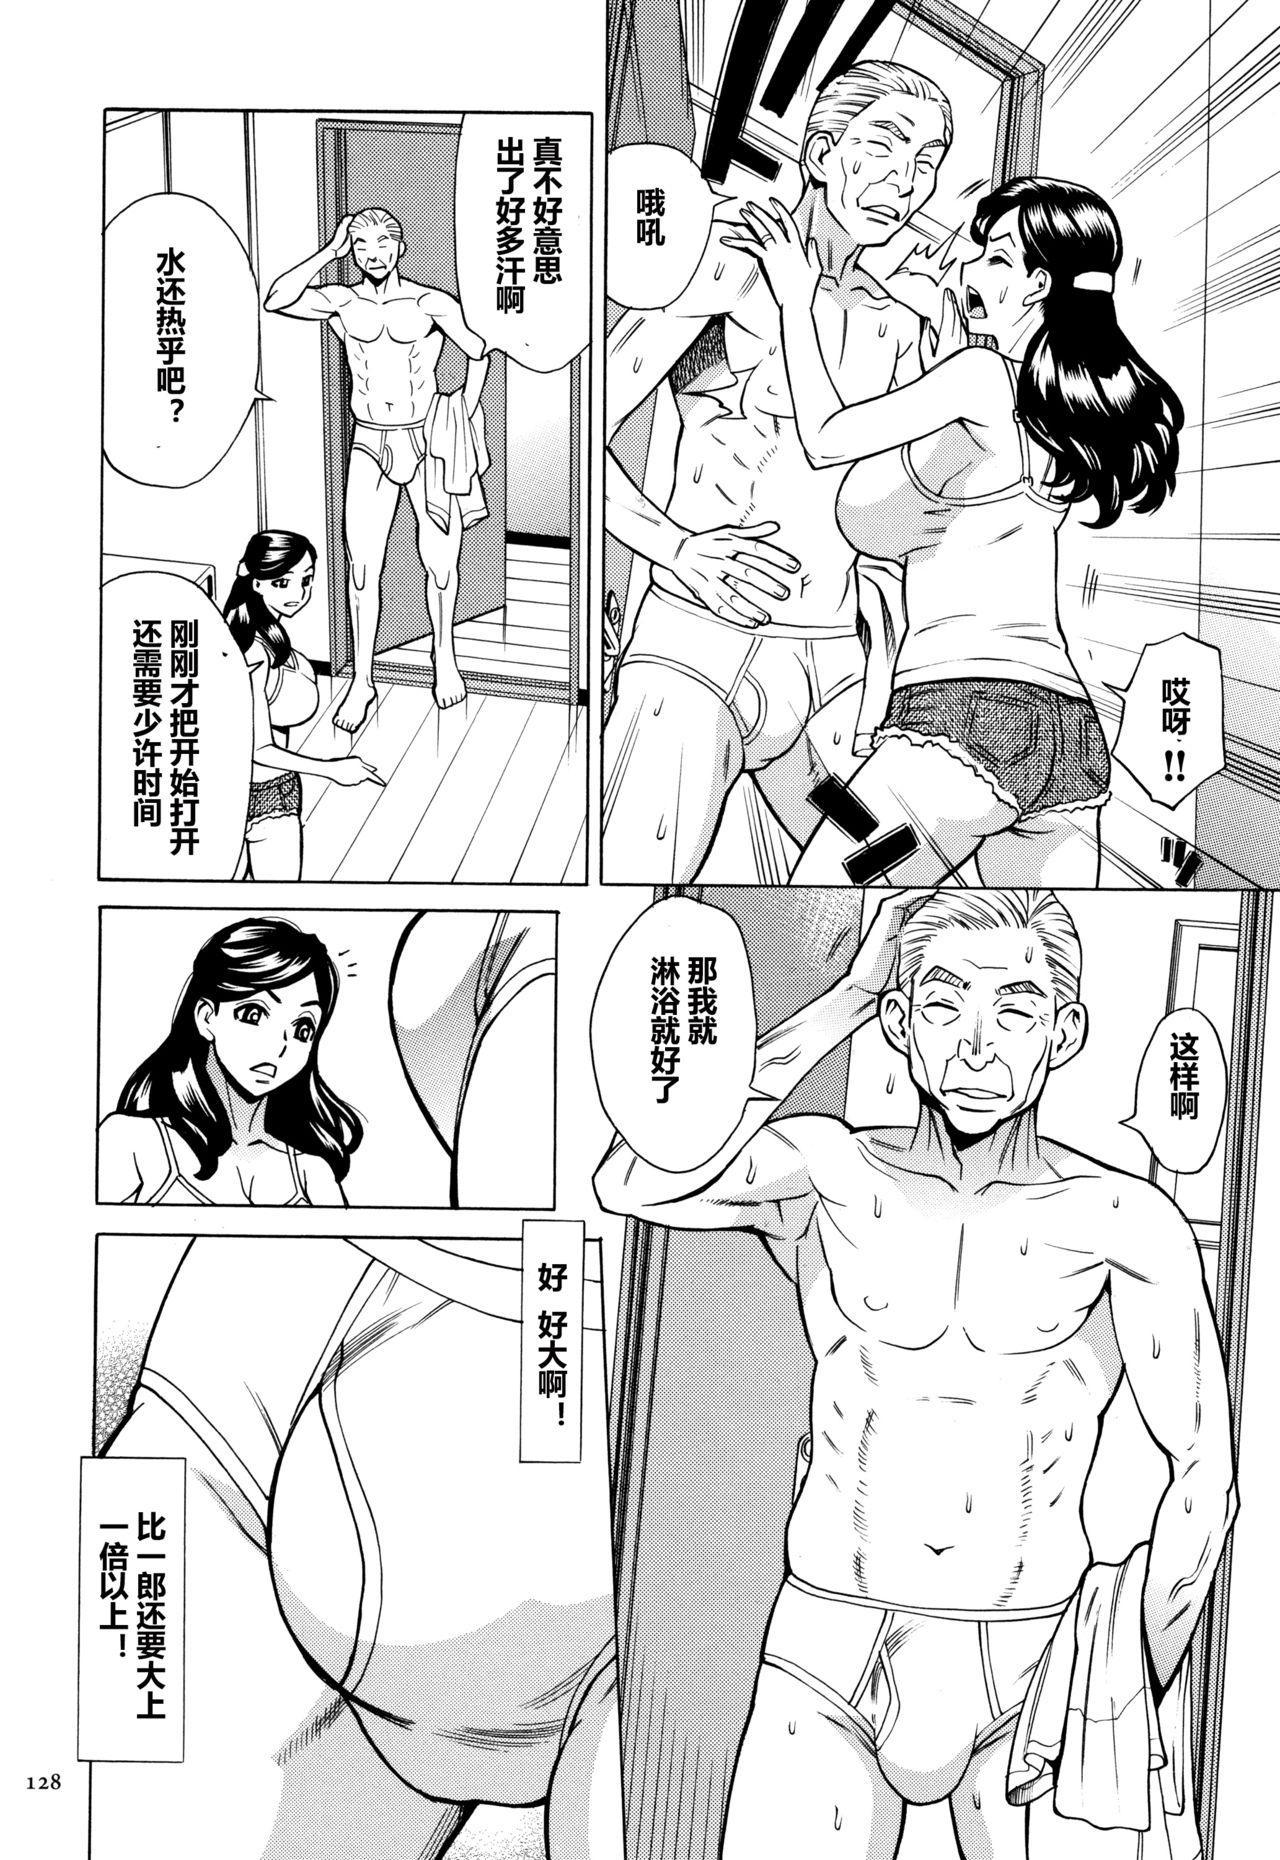 Oba-san dakedo, Daite Hoshii. 128